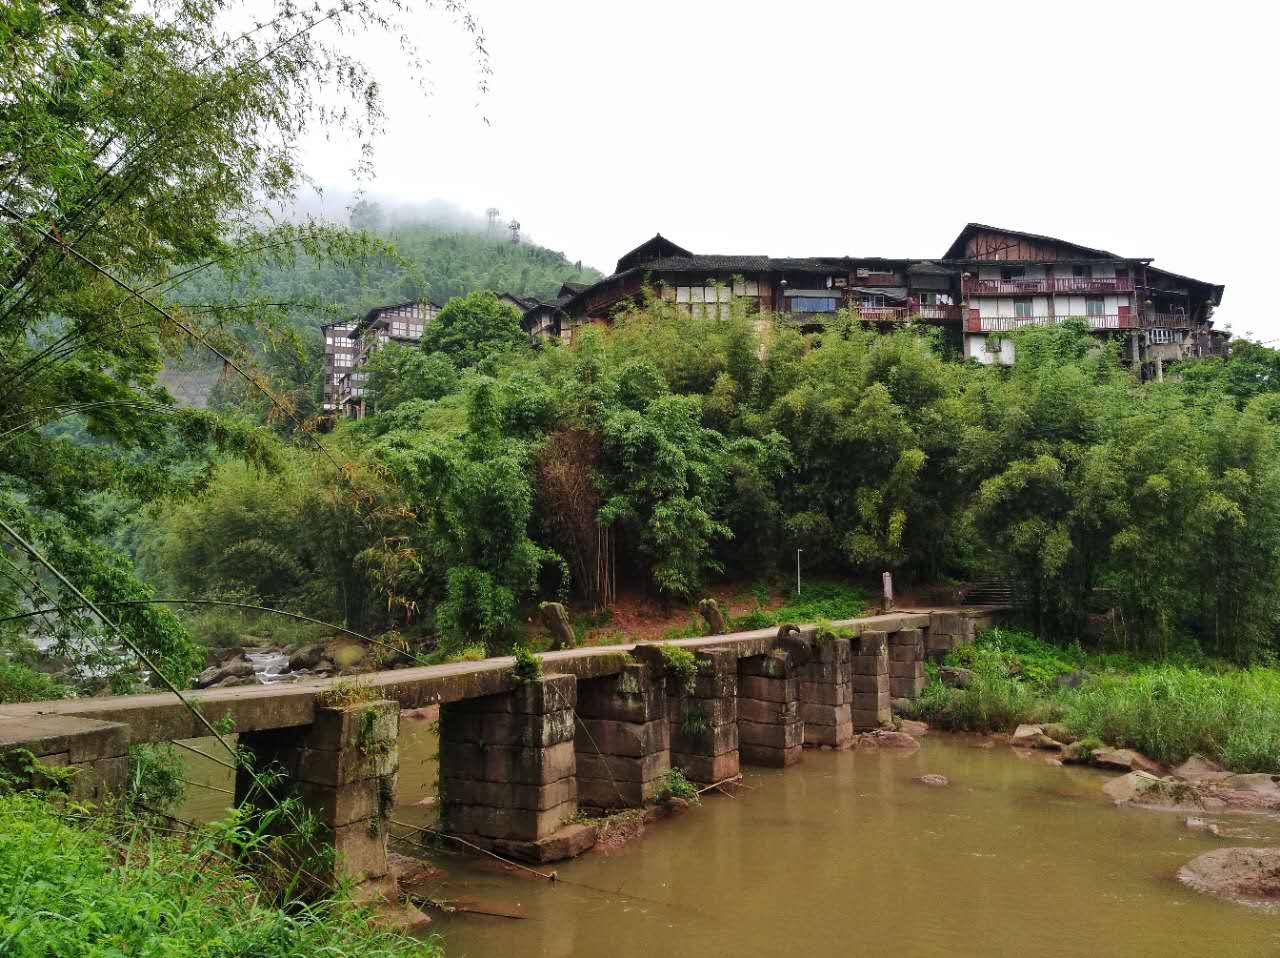 原创              神秘的丙安古镇,吊脚楼建在悬空峭壁之上,明清建筑的活化石